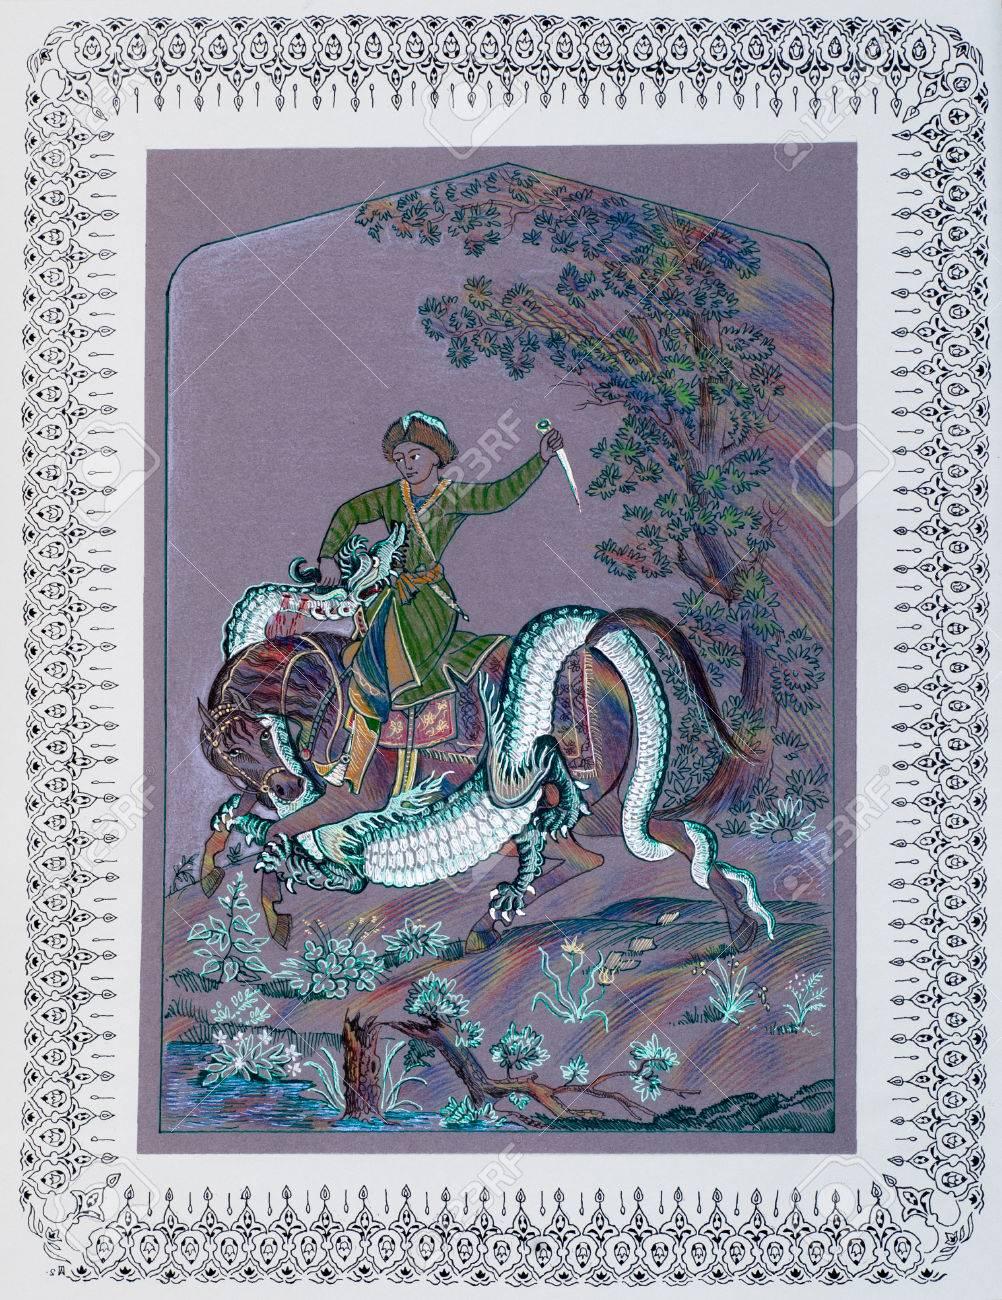 Central asian mythology